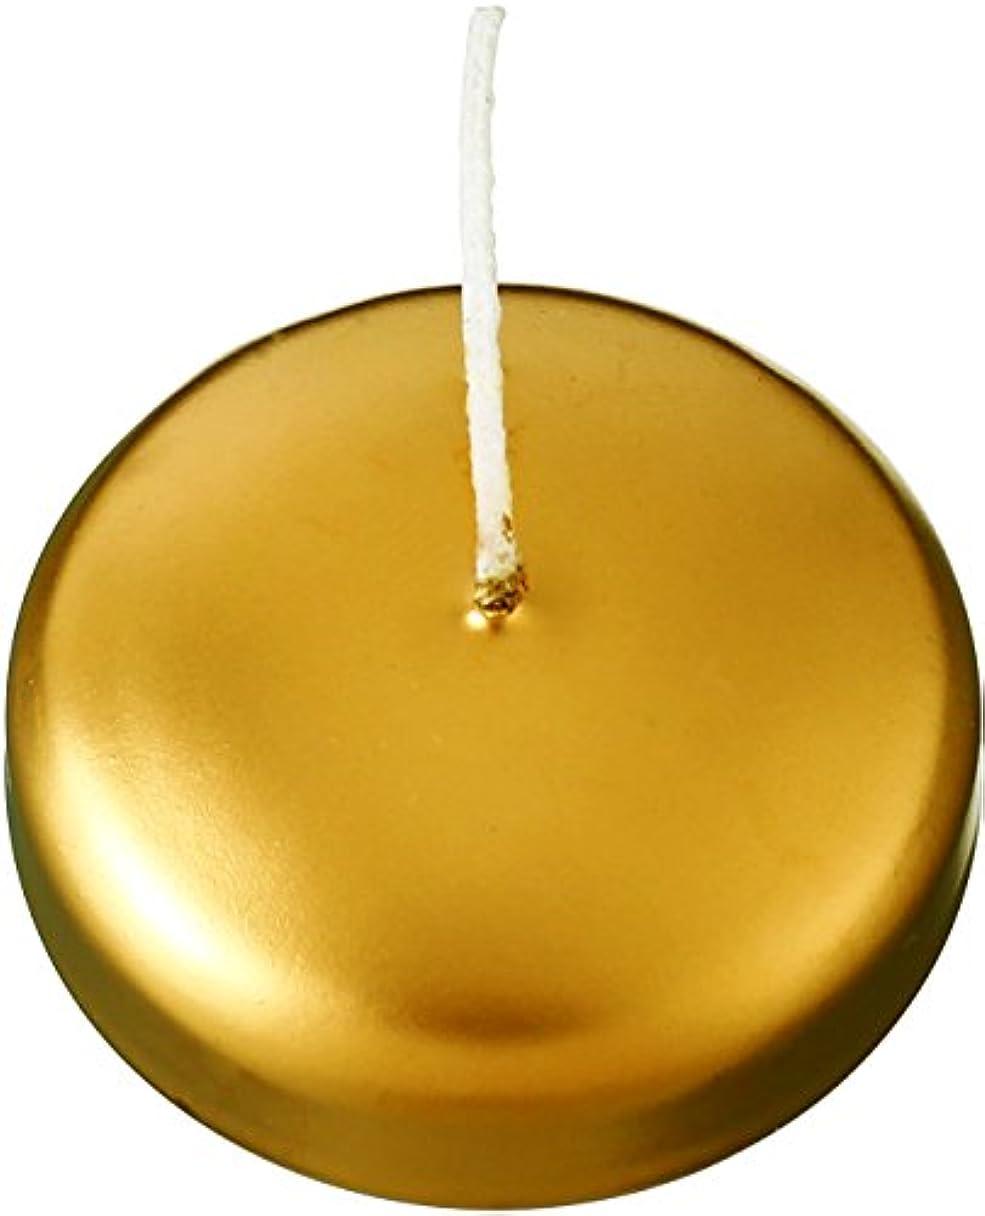 メロドラマティック実行する復活カメヤマキャンドルハウス フローティングキャンドル50 ゴールド 12個セット